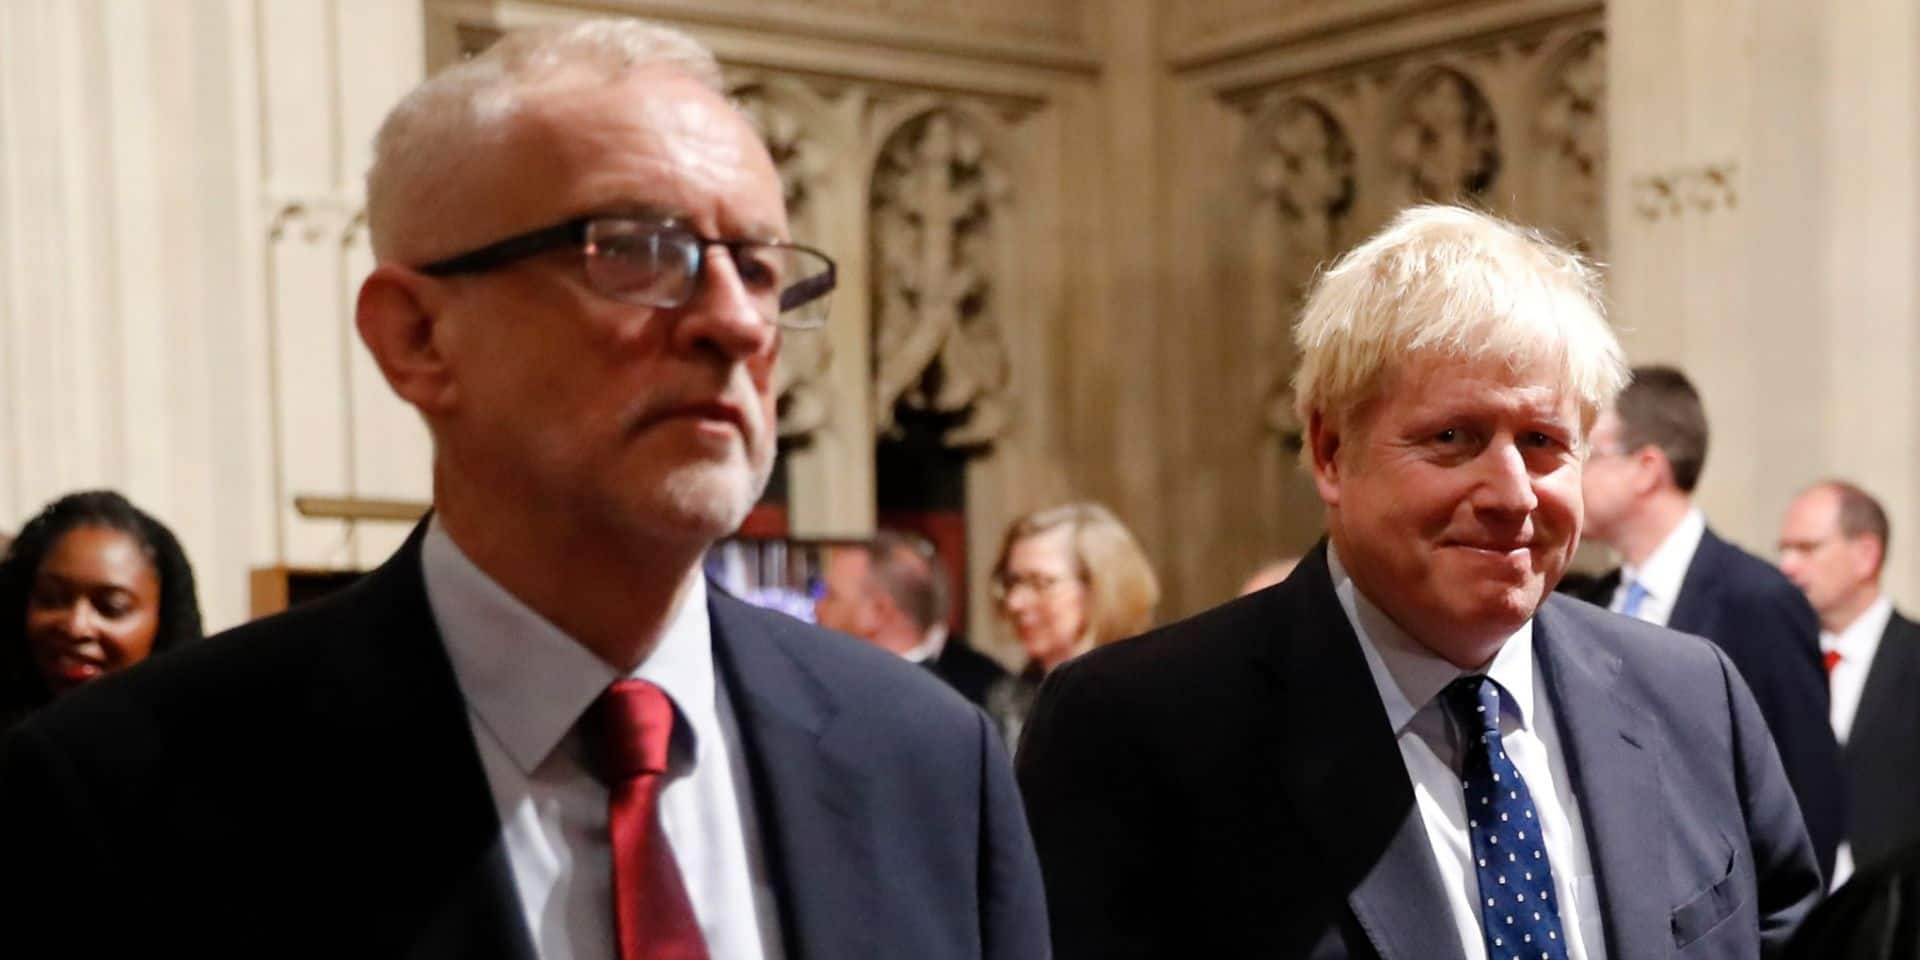 Brexit: Johnson et Corbyn se rencontrent mais ne s'accordent pas